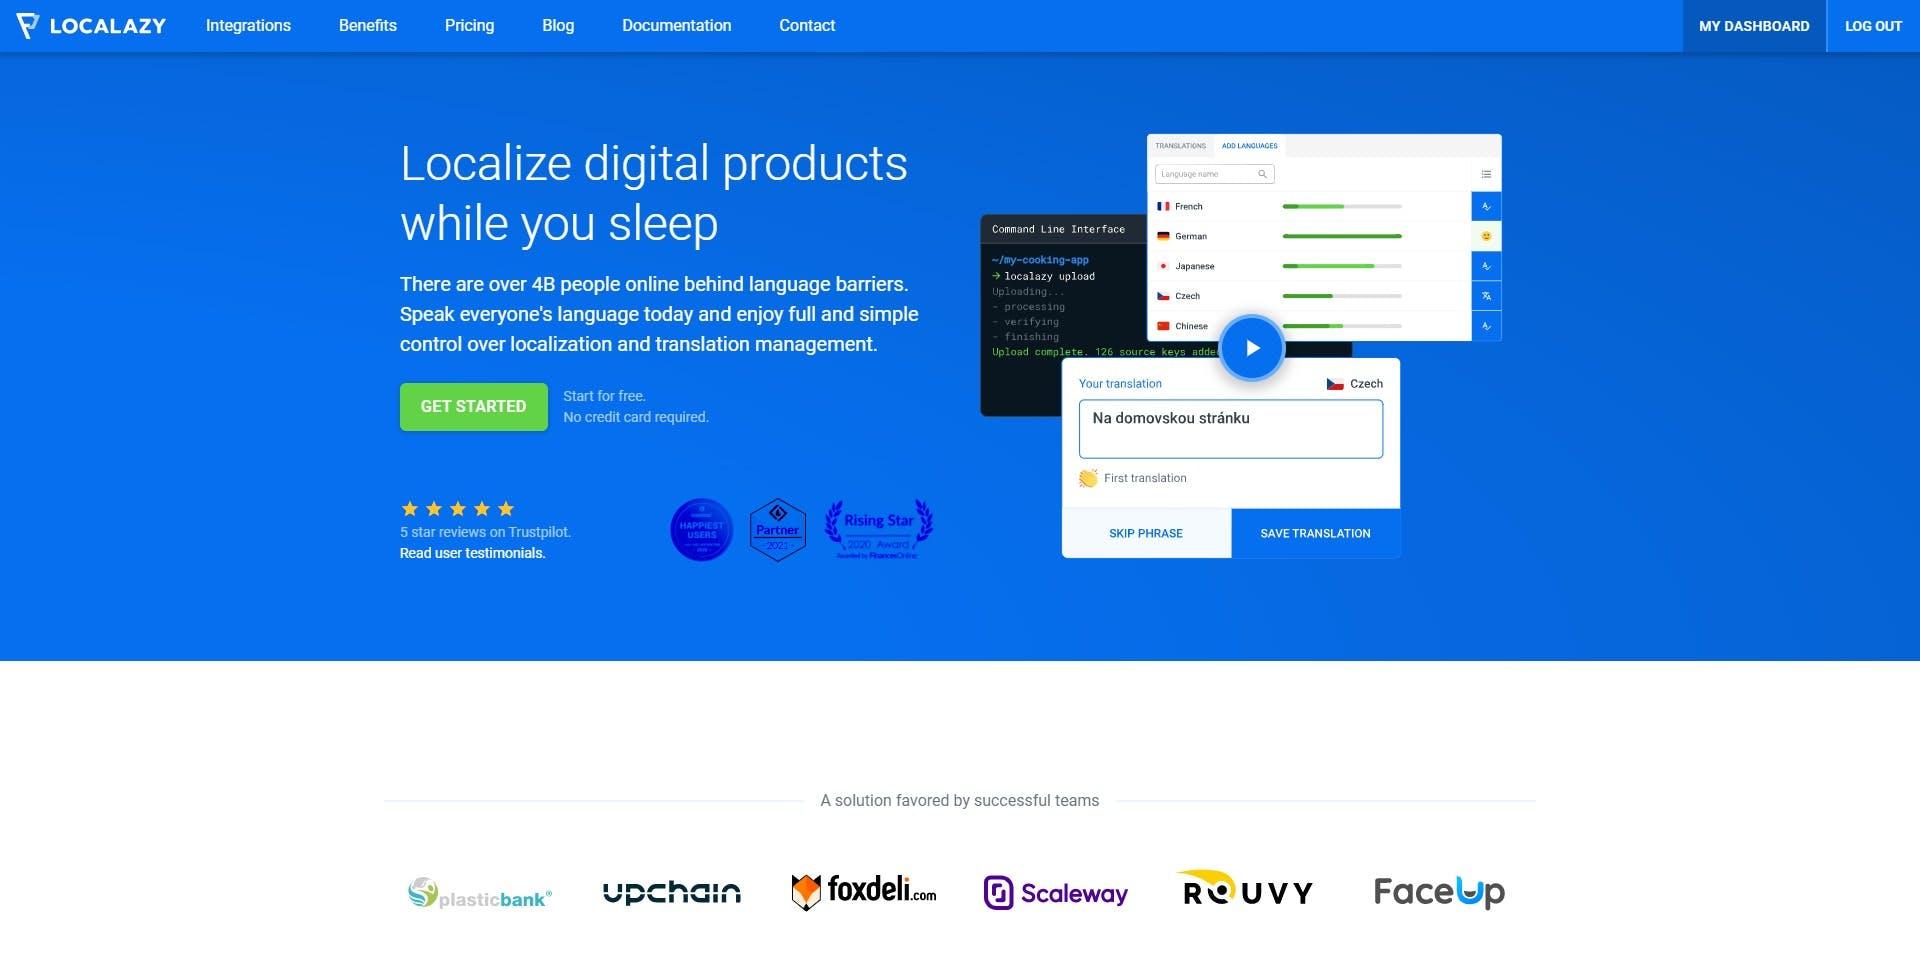 Localazy.com Homepage